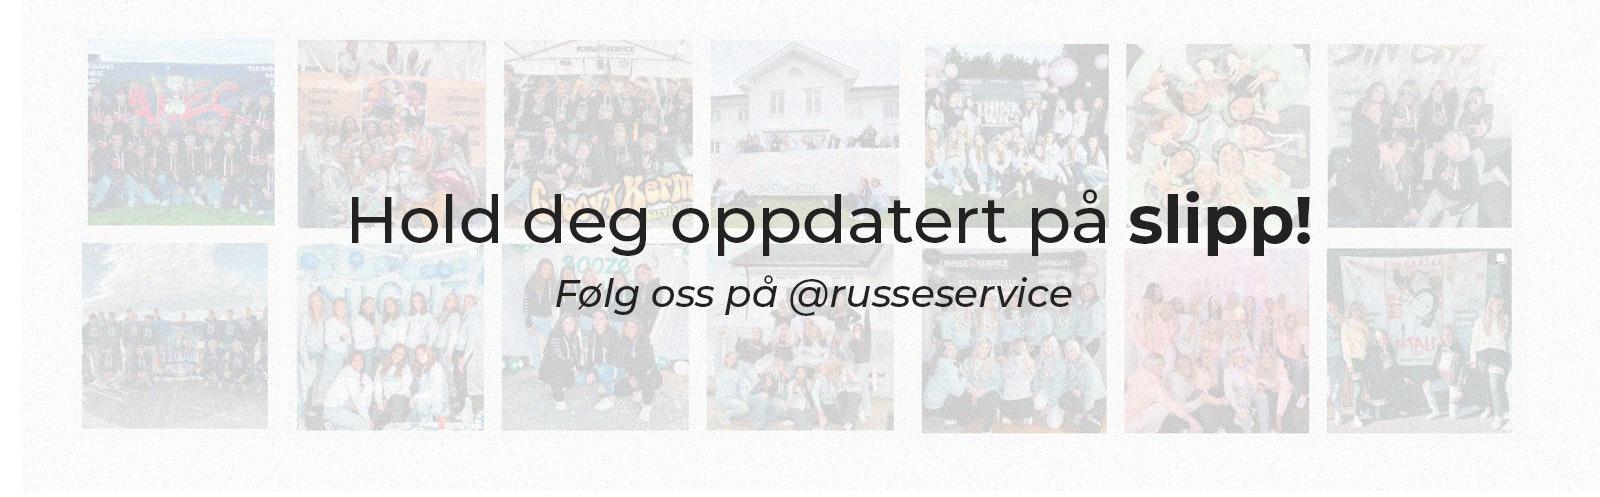 Collage av instagram bilder